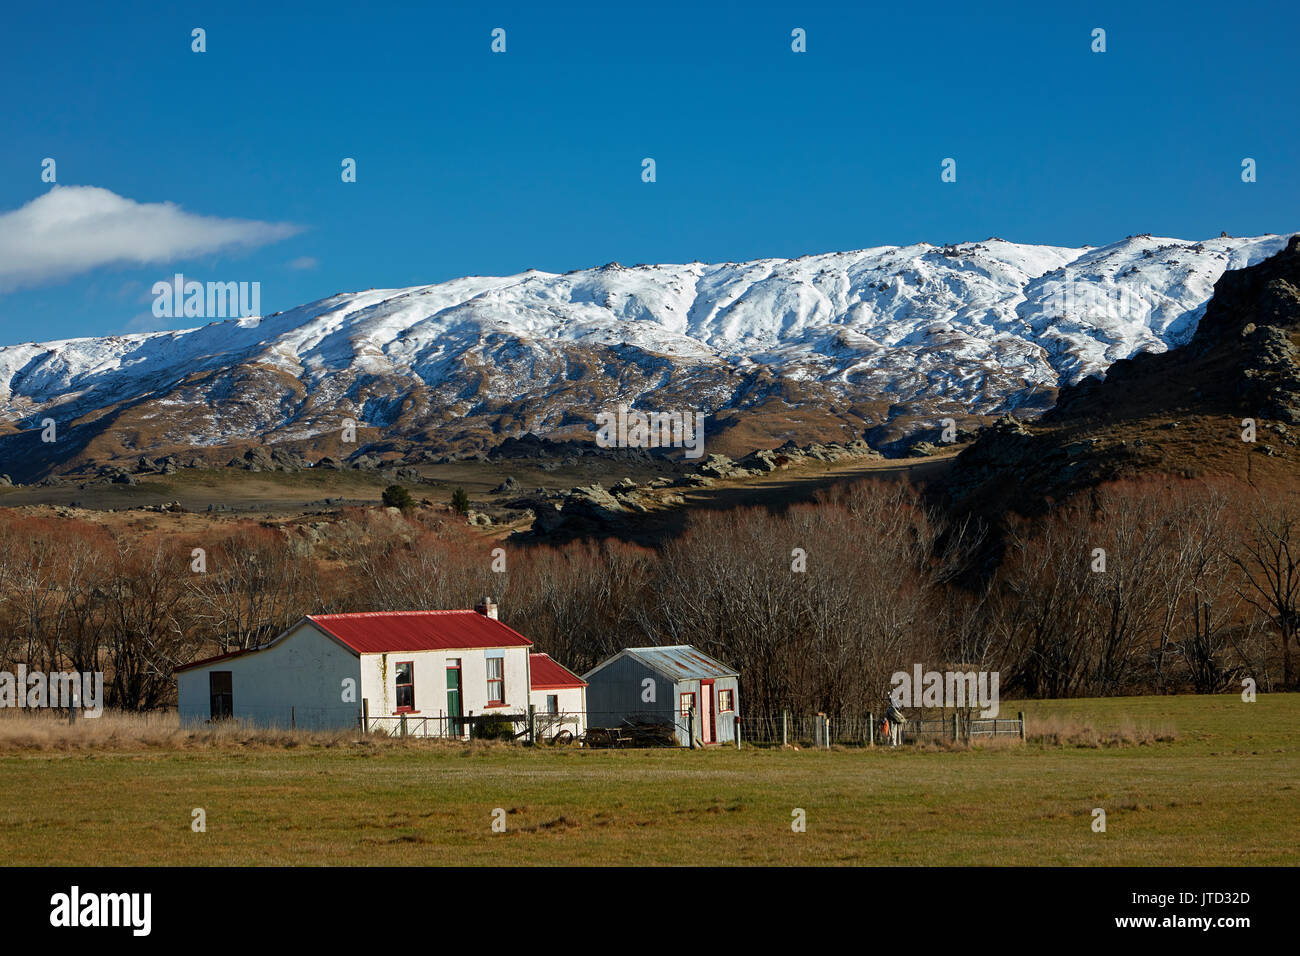 Alte Hütten und Rock und Säule, Sutton, in der Nähe von Middlemarch, Strath Taieri, Otago, Südinsel, Neuseeland Stockbild